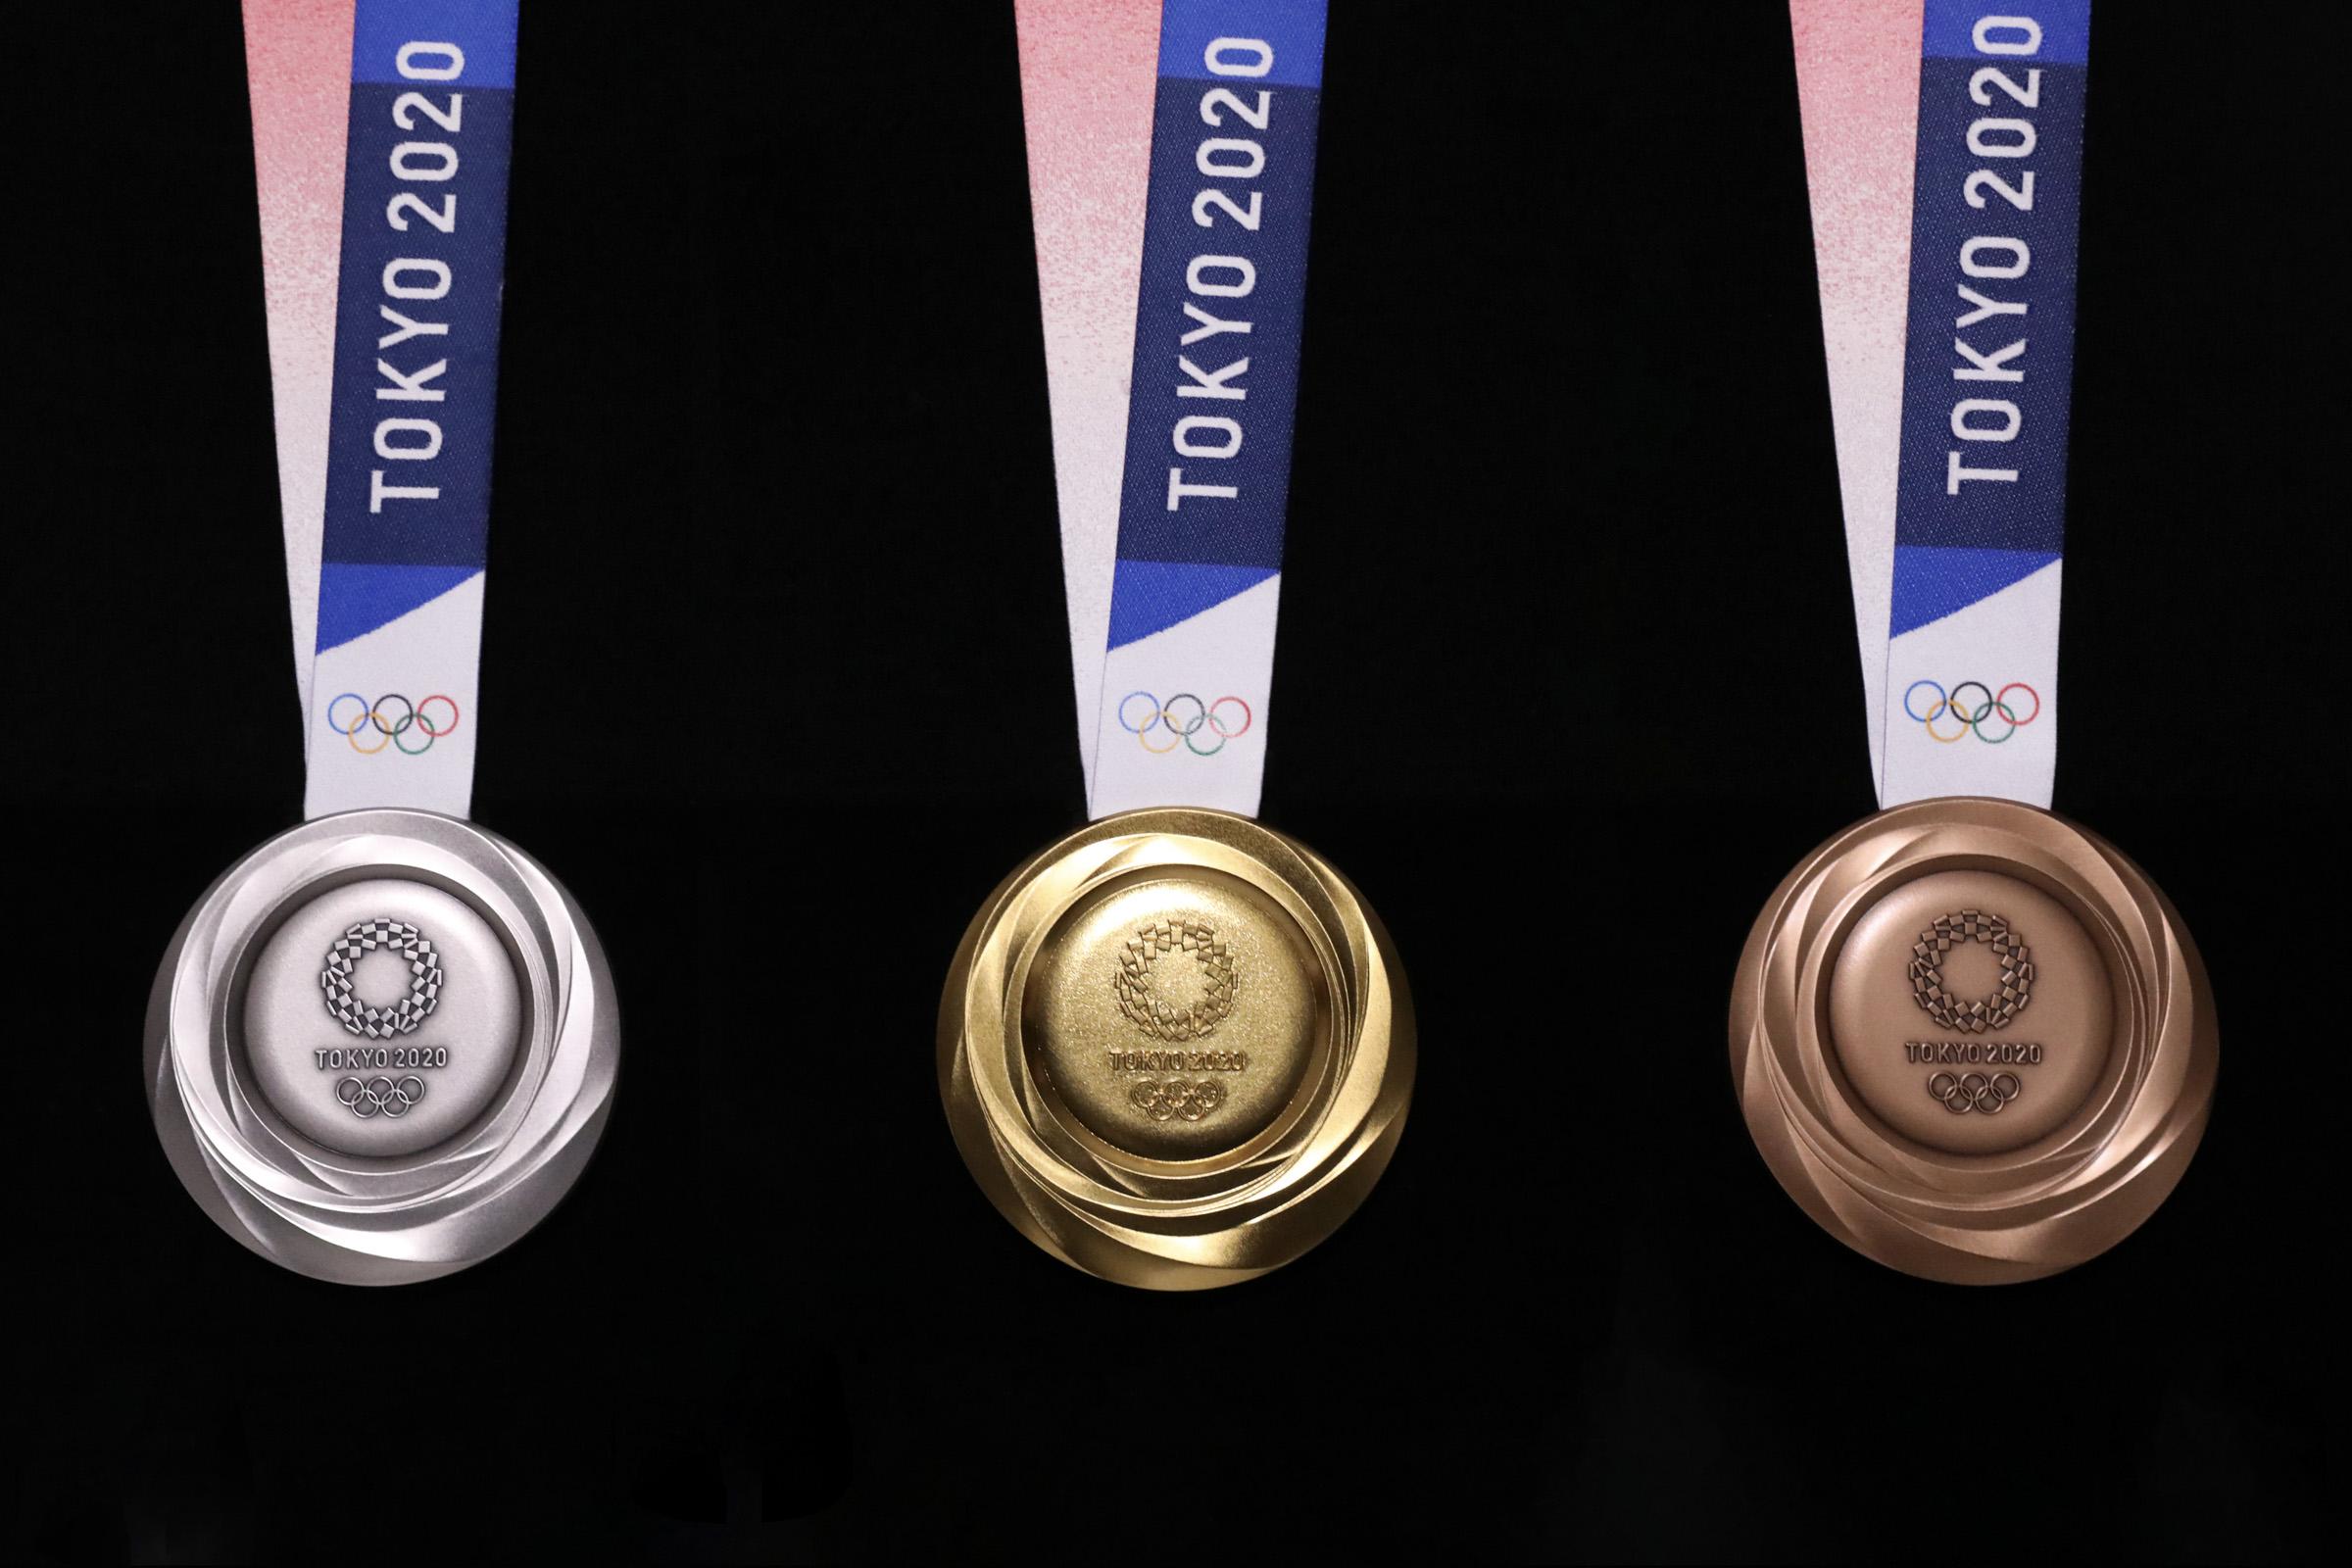 médailles JO 2020 Tokyo - Les médailles olympiques des JO 2020 sont issus du recyclage de smartphones